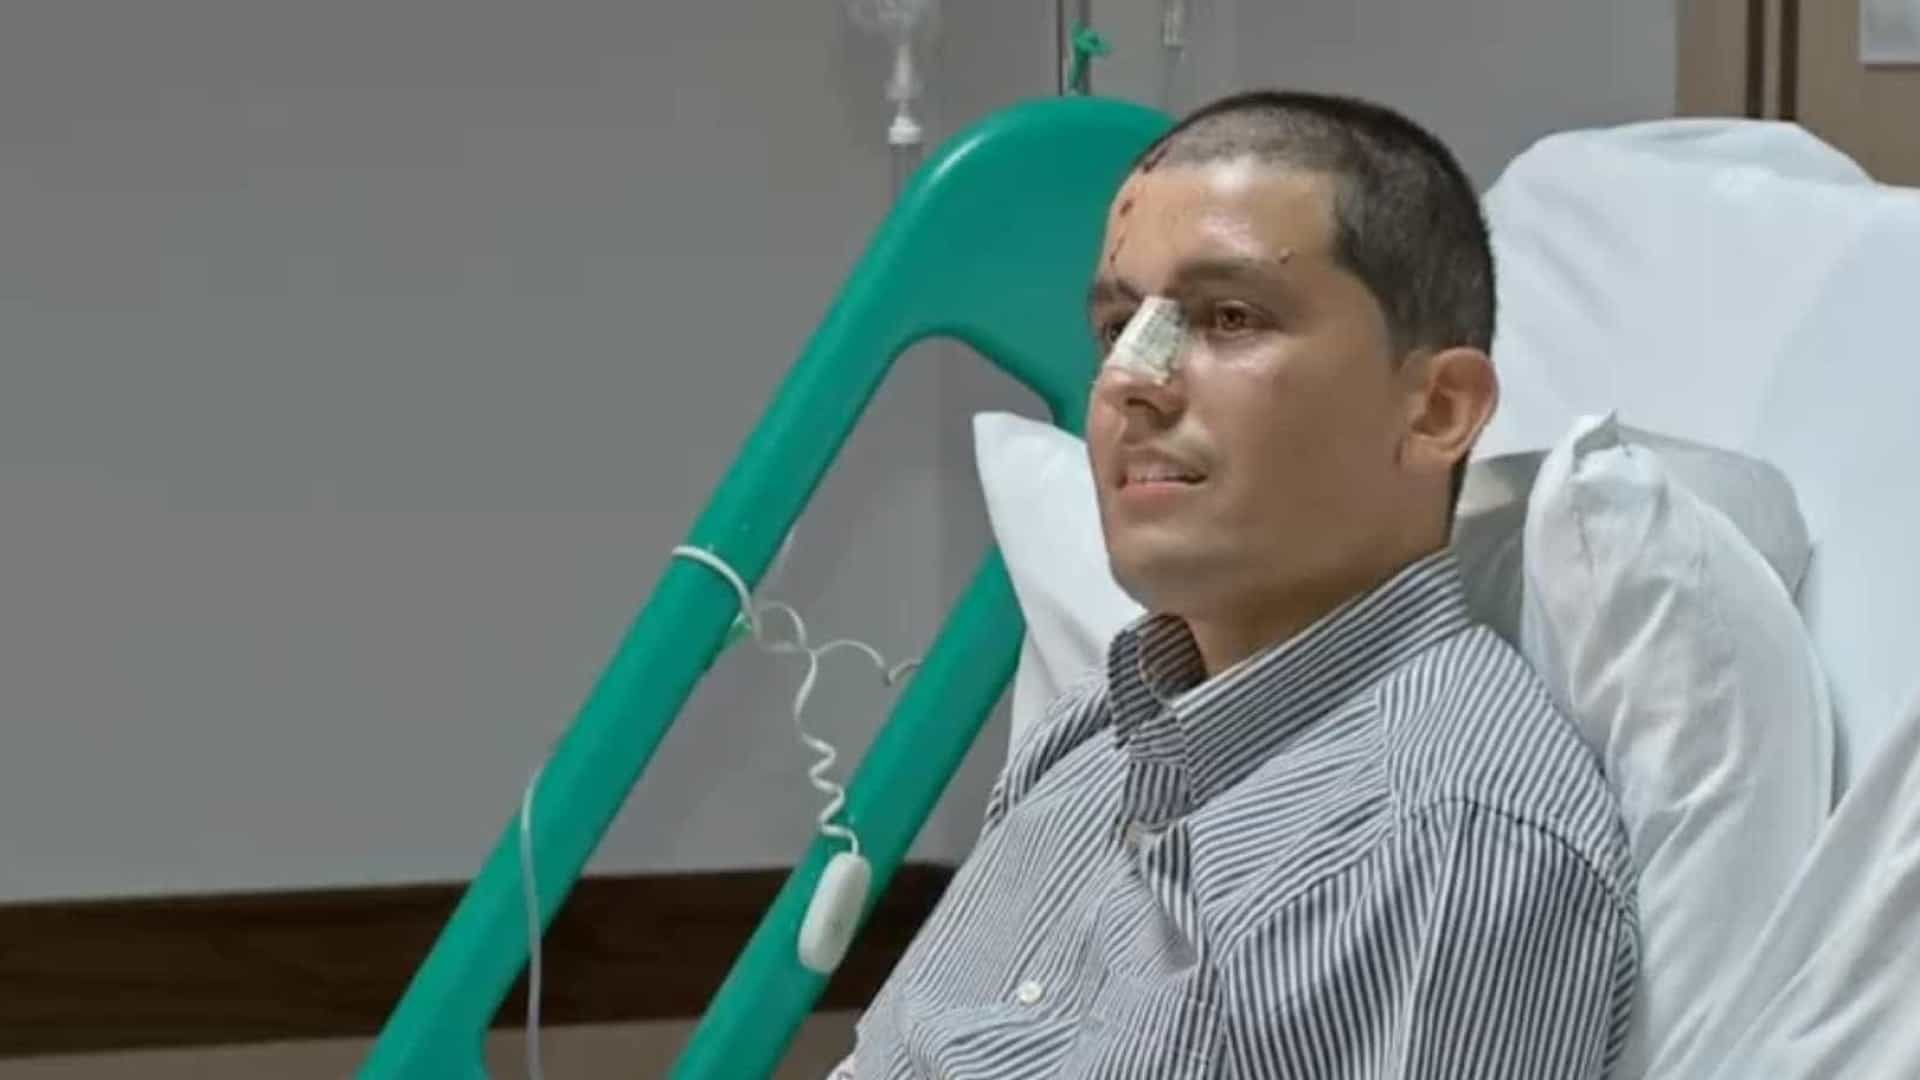 Sobreviventes de queda de avião no MT relatam 5 dias de sufoco